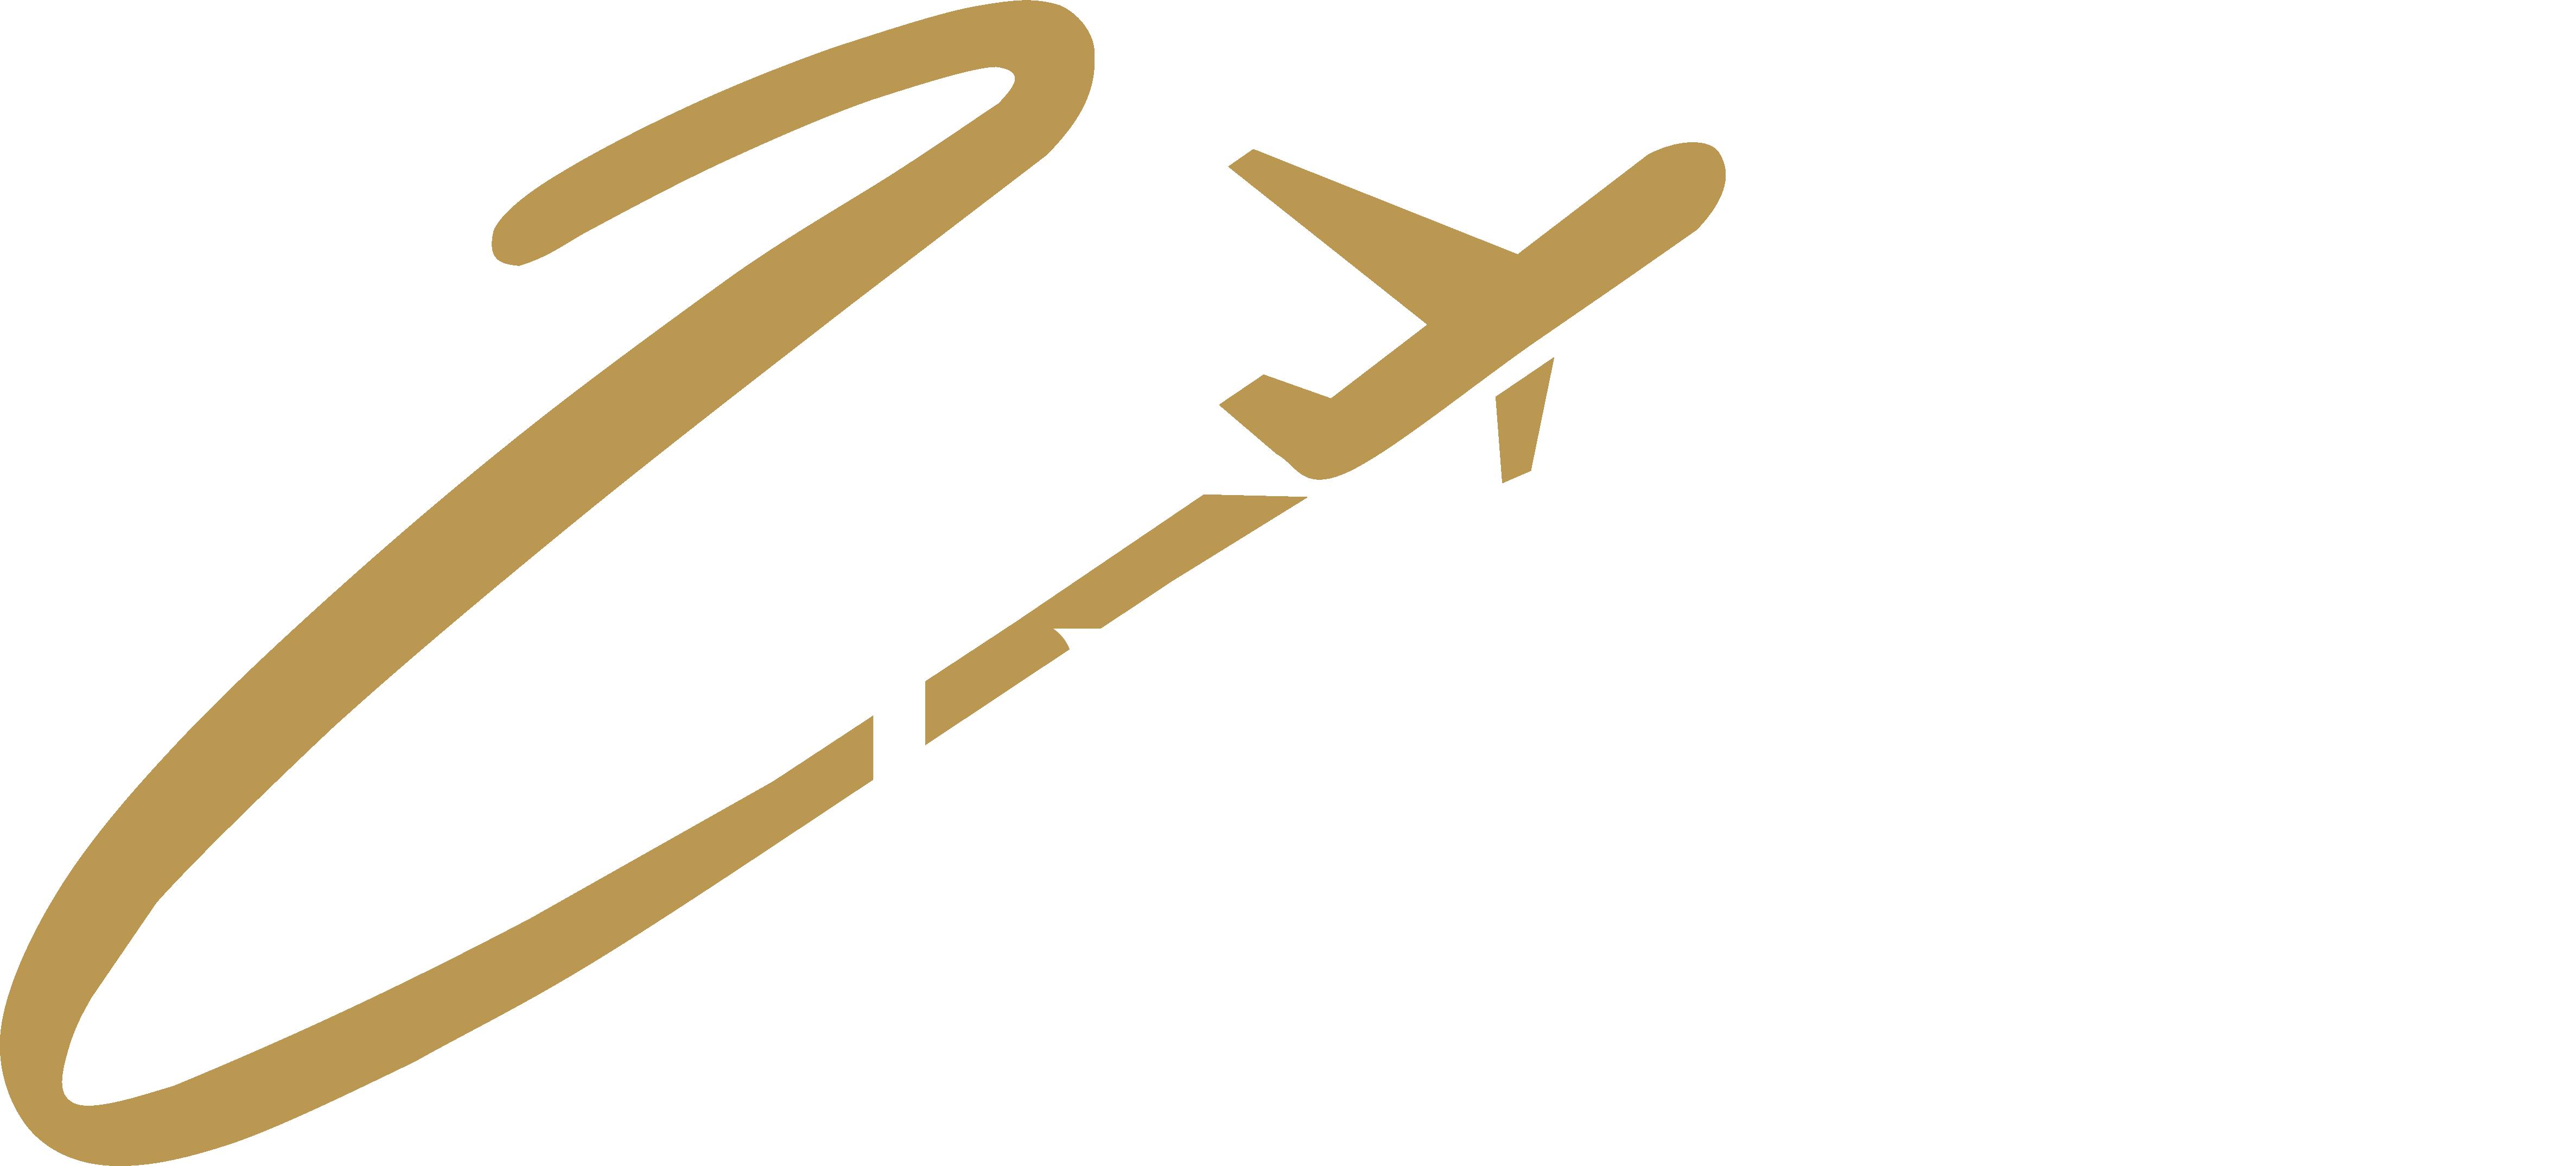 Unison Consulting, Inc.